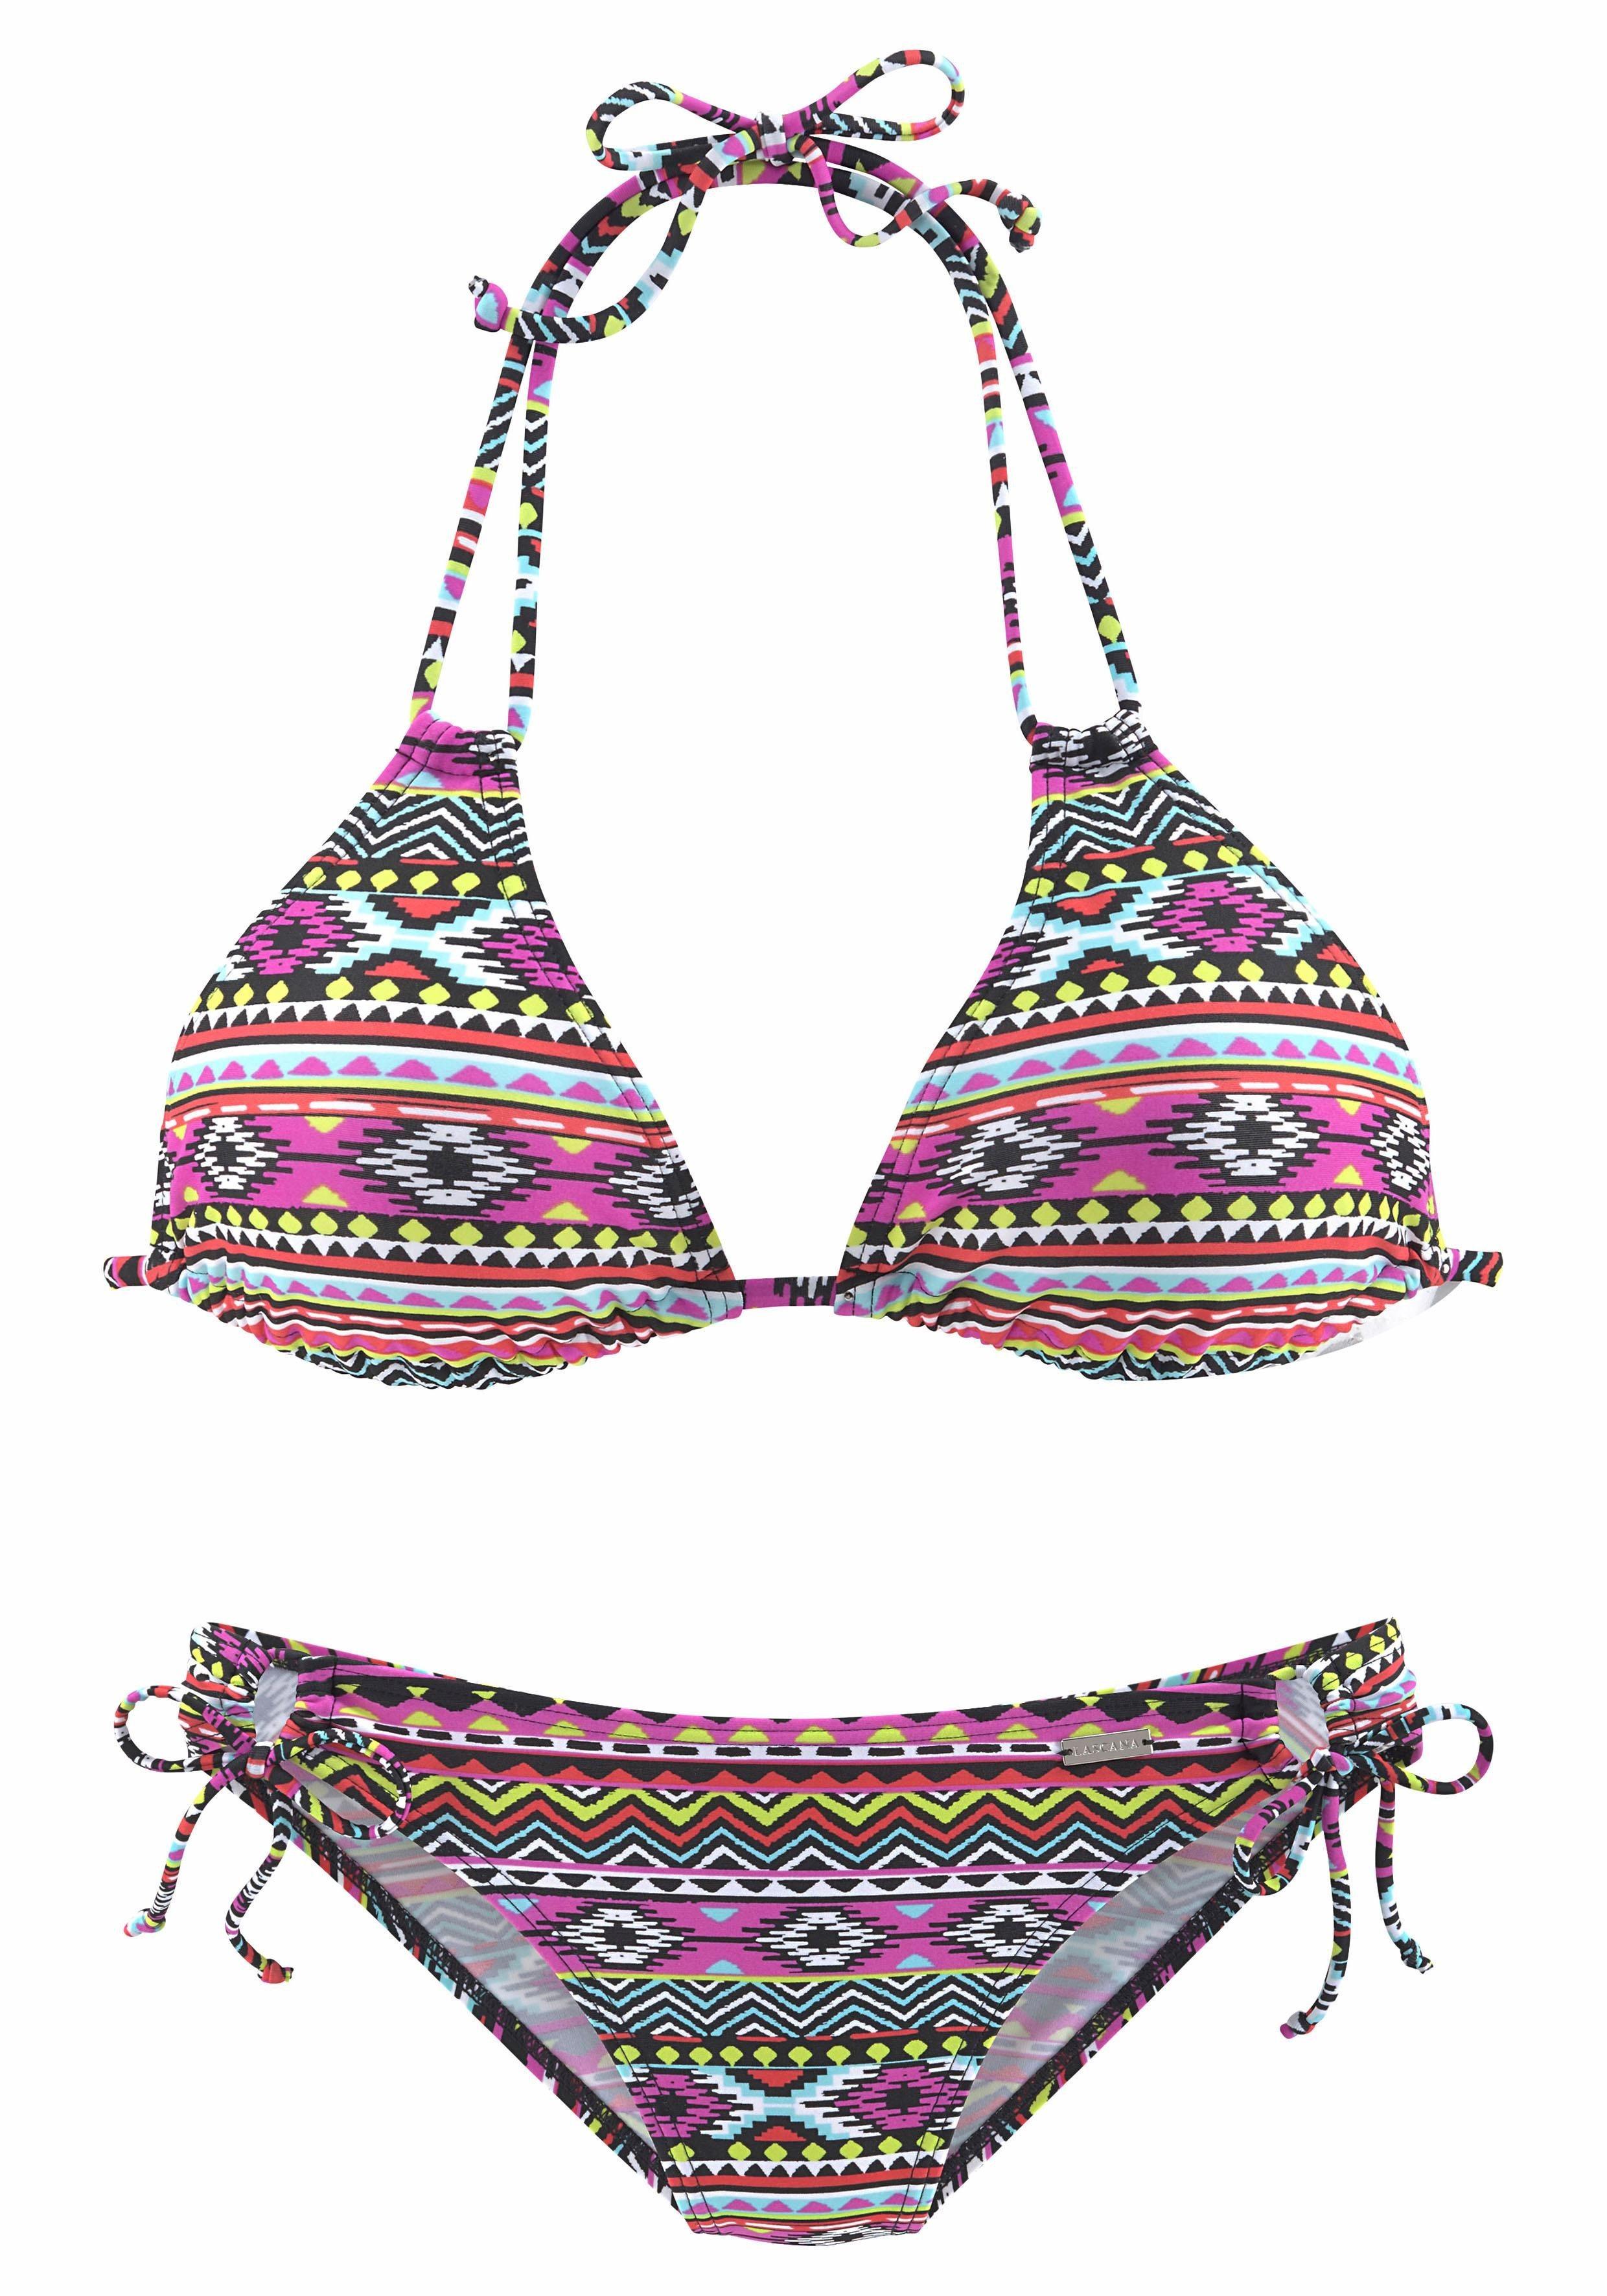 Damen LASCANA Triangel-Bikini im kontrastreichen Ethnomuster bunt, mehrfarbig, schwarz | 04893865777486